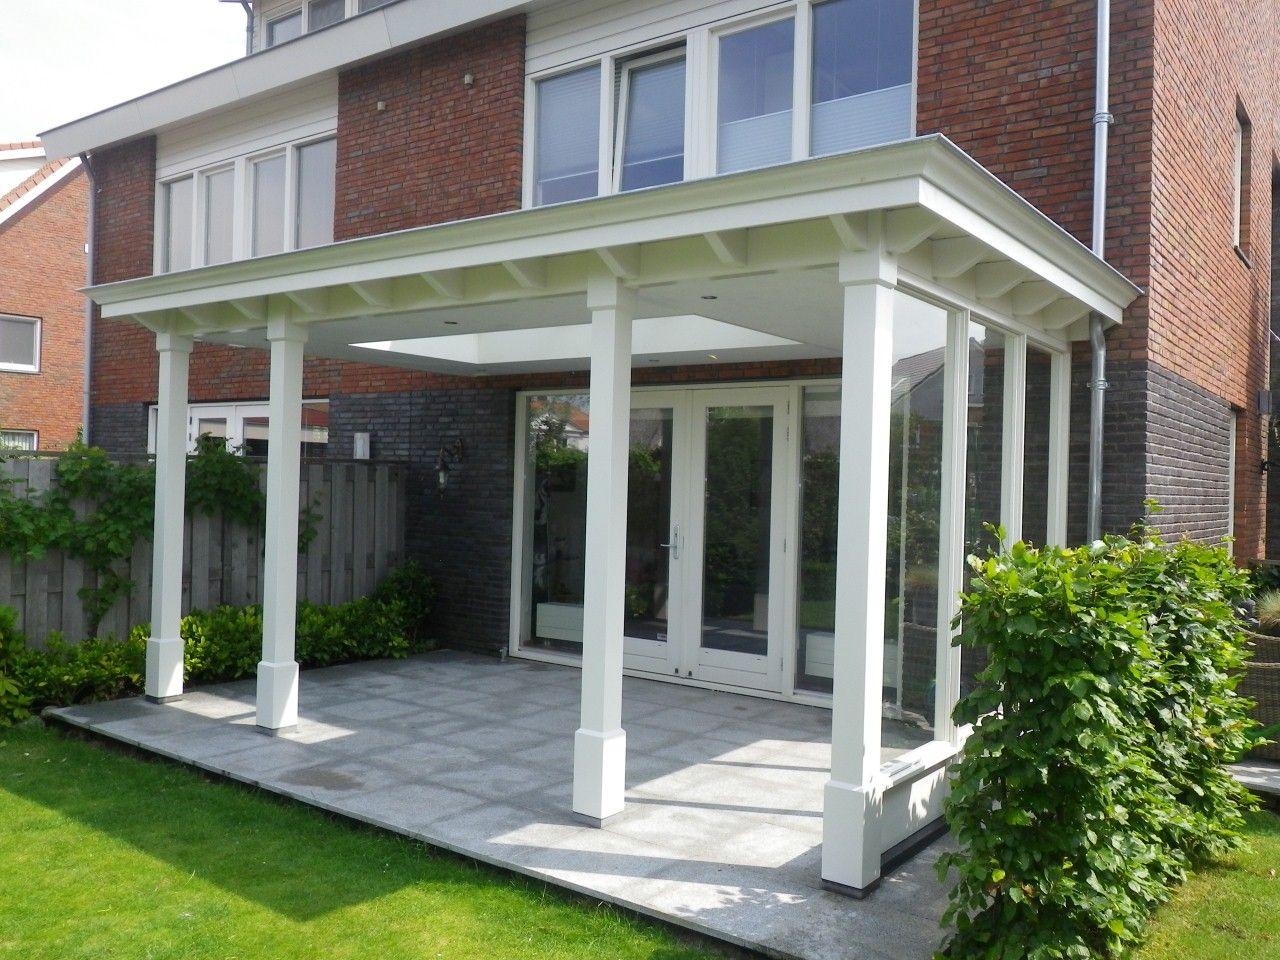 Klassieke veranda | stijlvol tot in detail